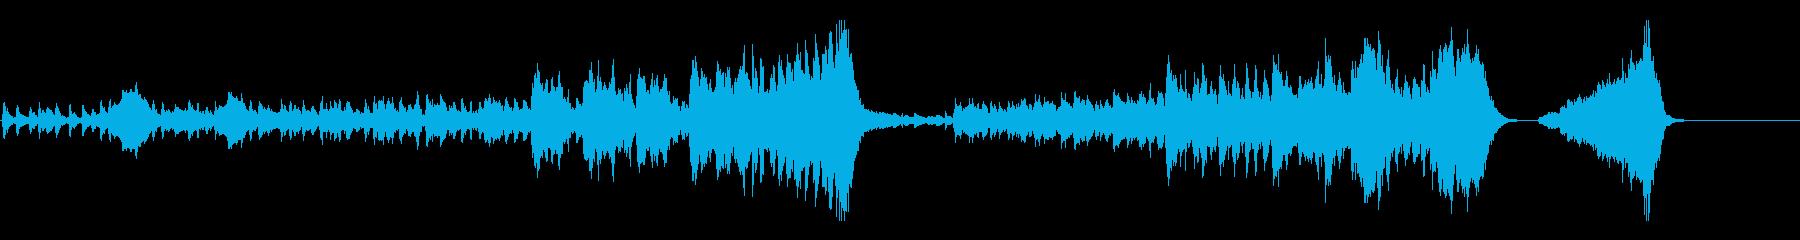 軽快なオーケストラのオープニング曲の再生済みの波形